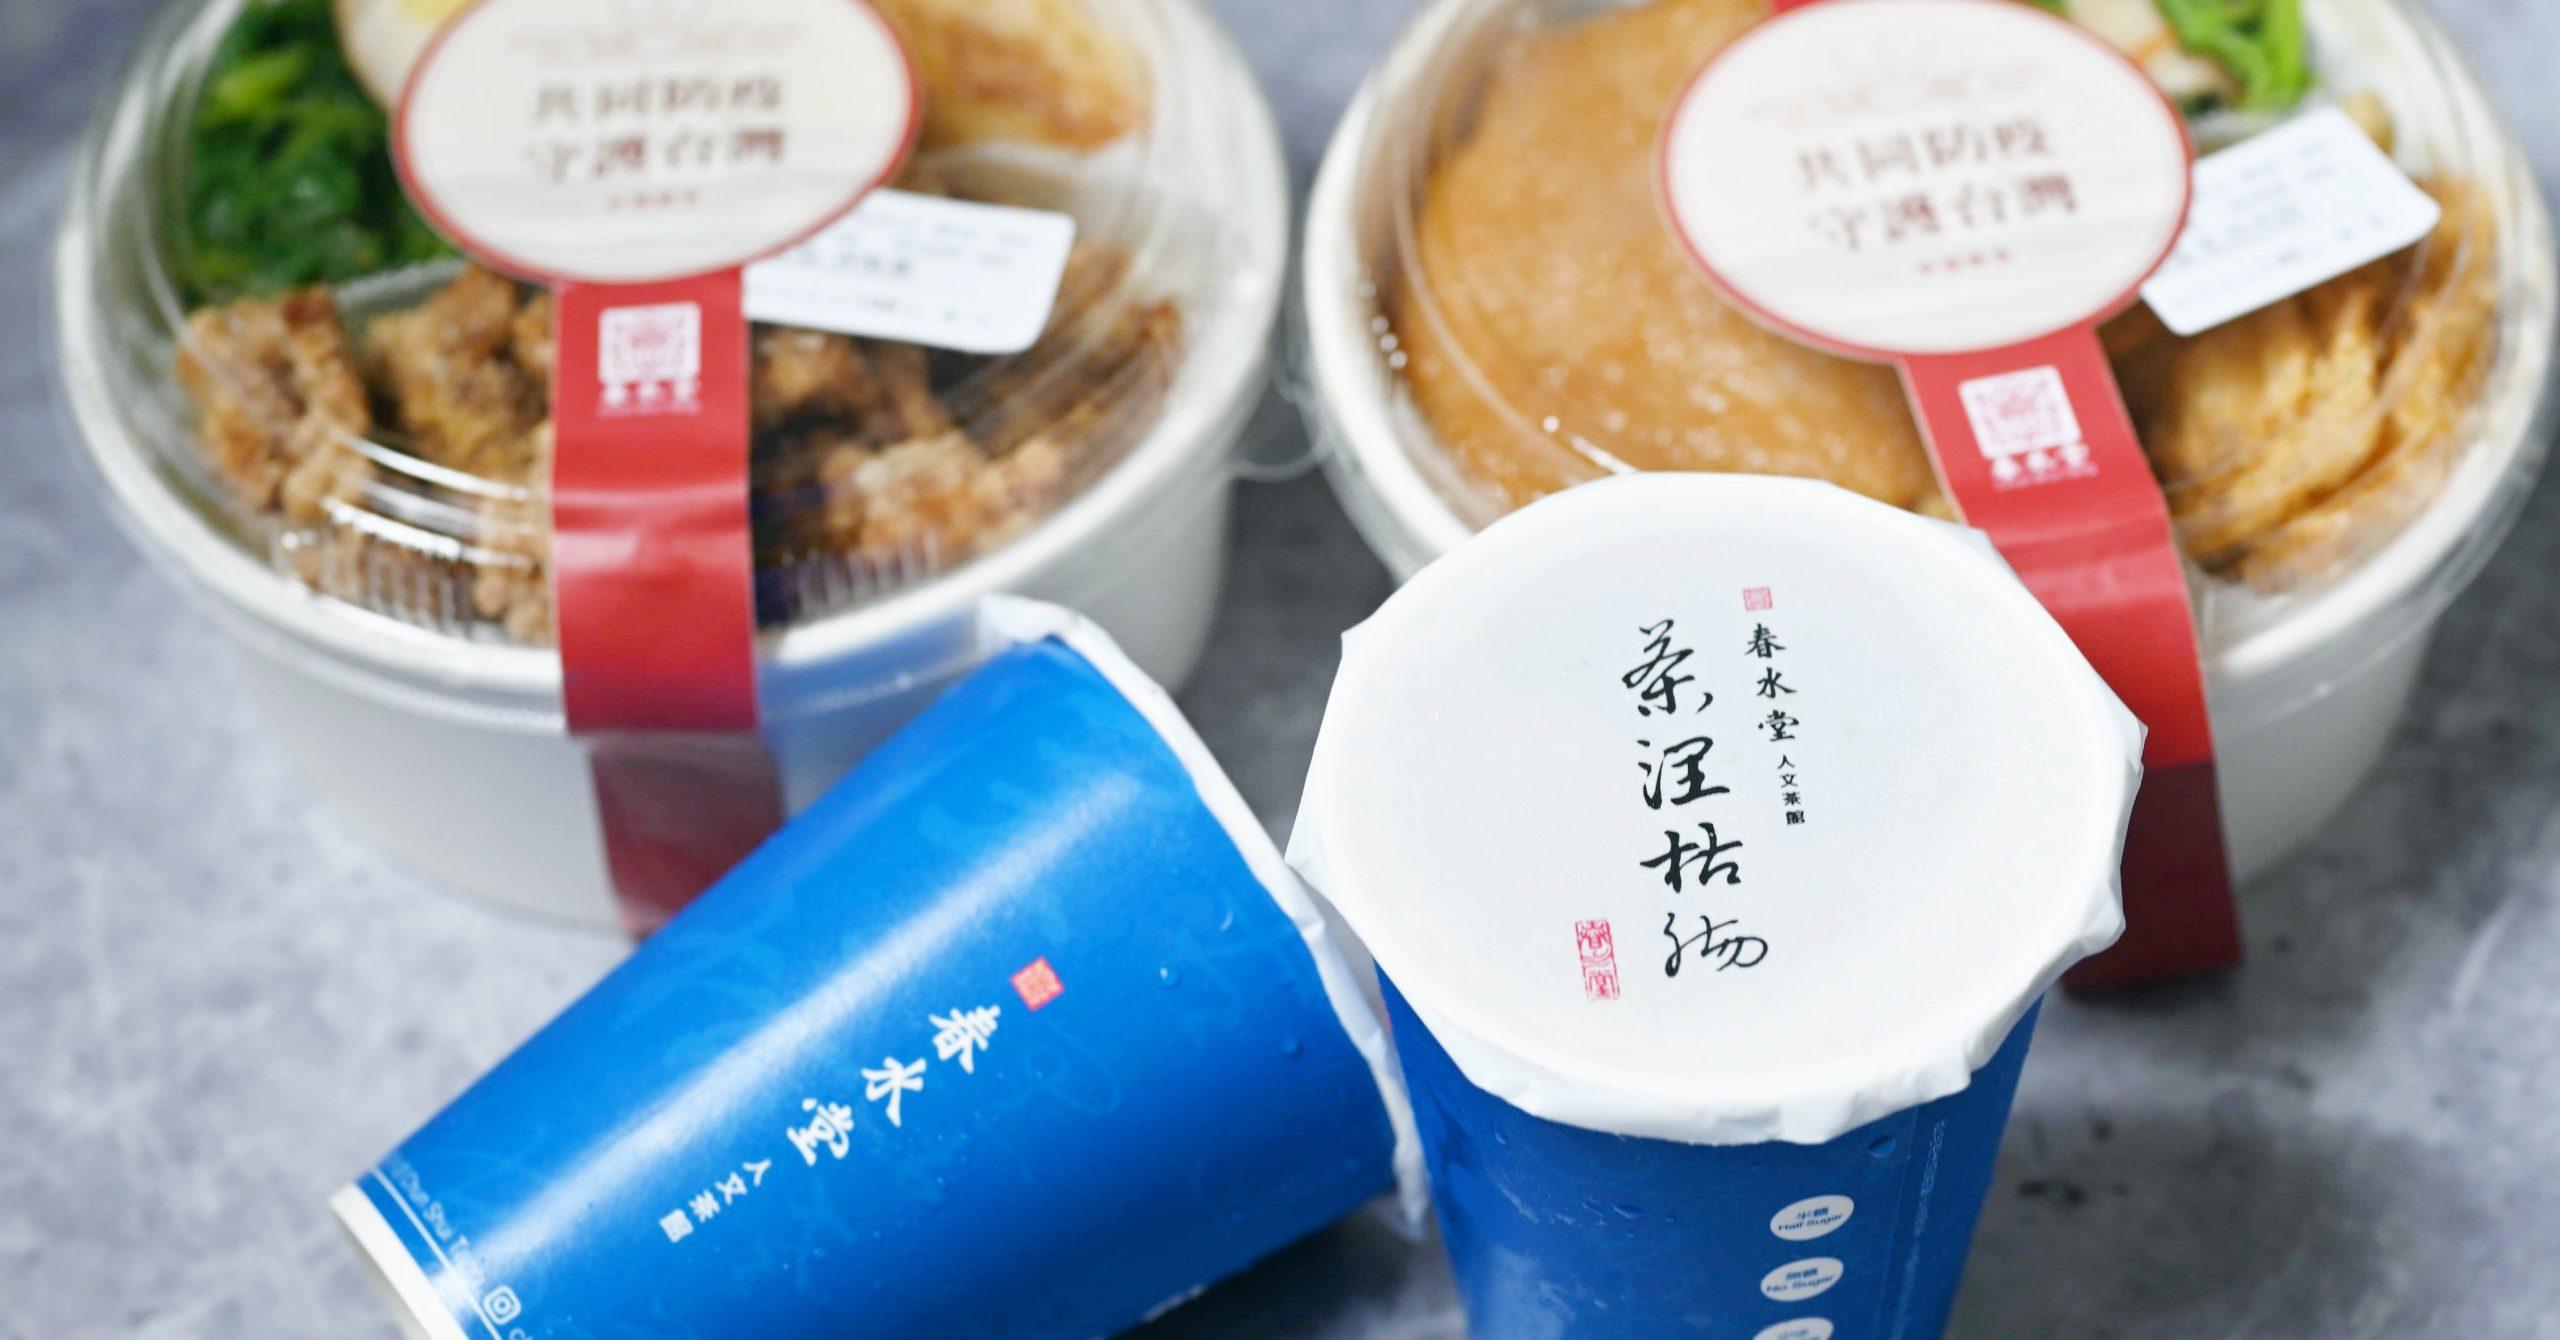 即時熱門文章:【中山美食】春水堂,春水堂外帶防疫餐盒很好吃 (菜單)